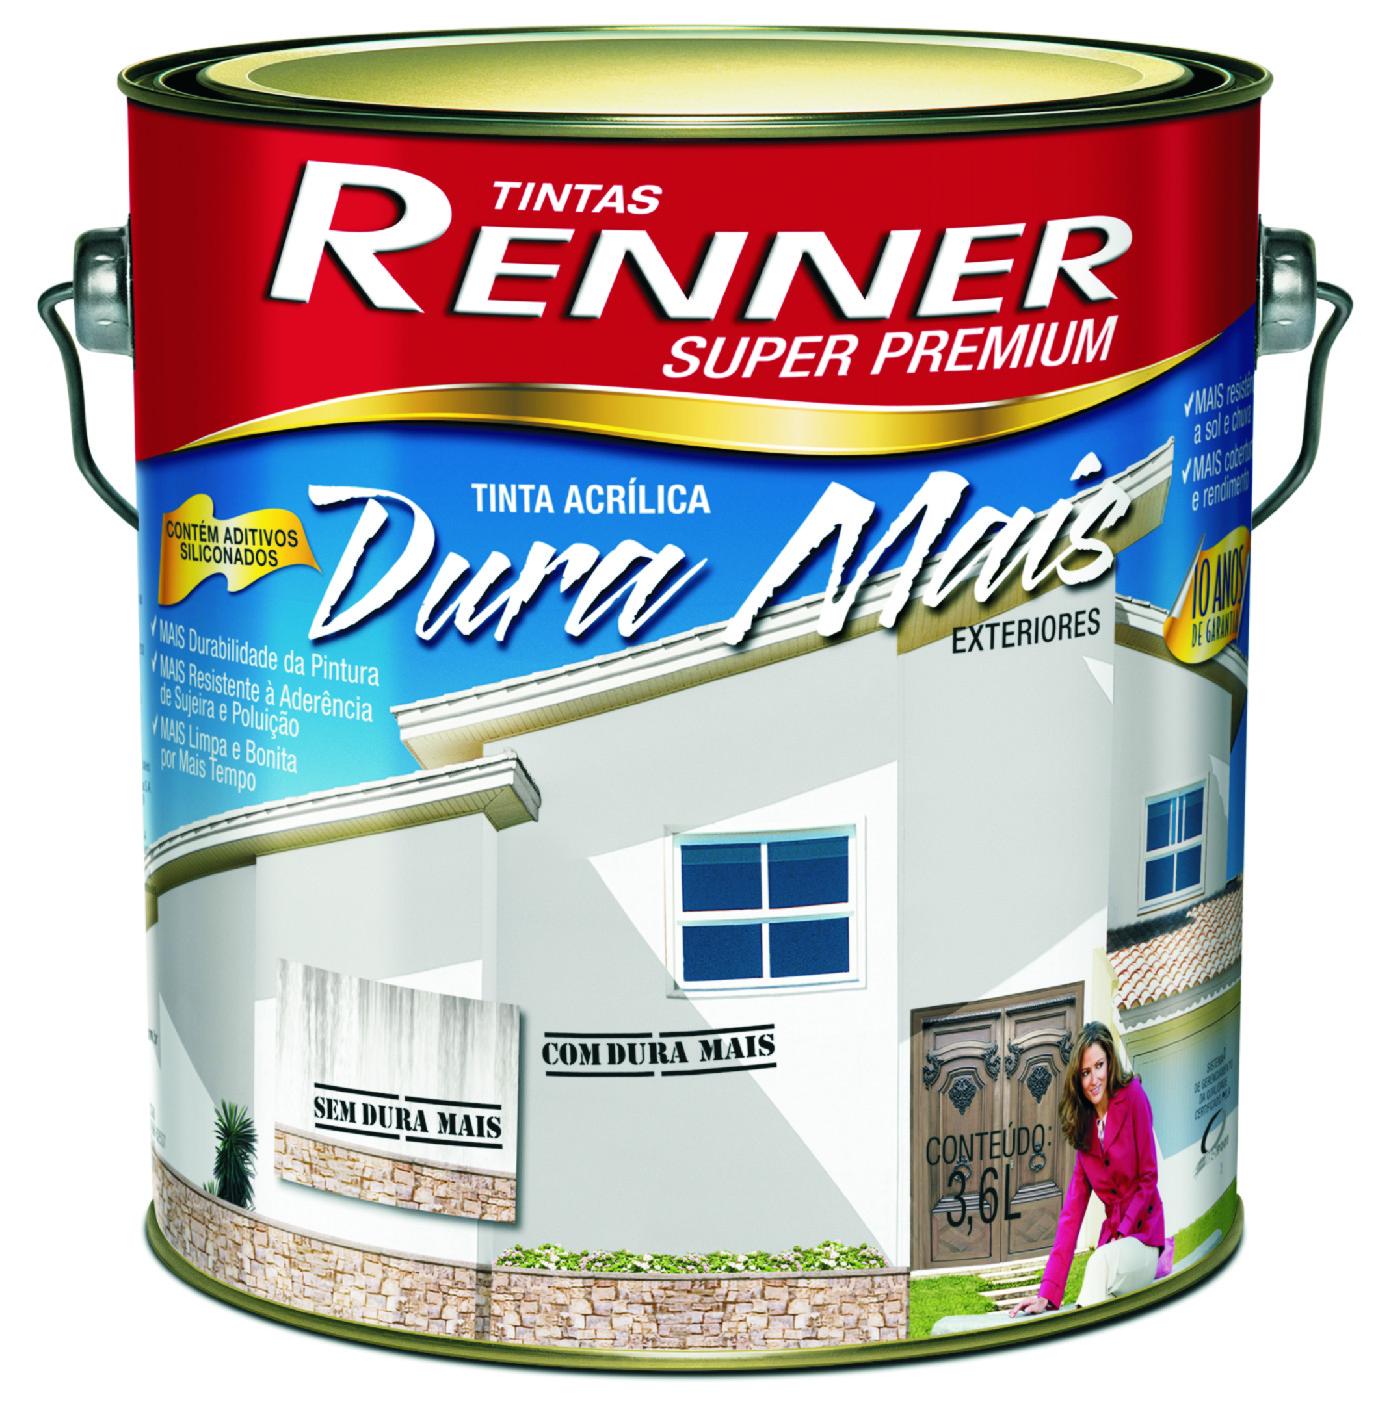 Tinta acrílica Dura Mais – exteriores Tendências 2013 #A12E2A 1389x1406